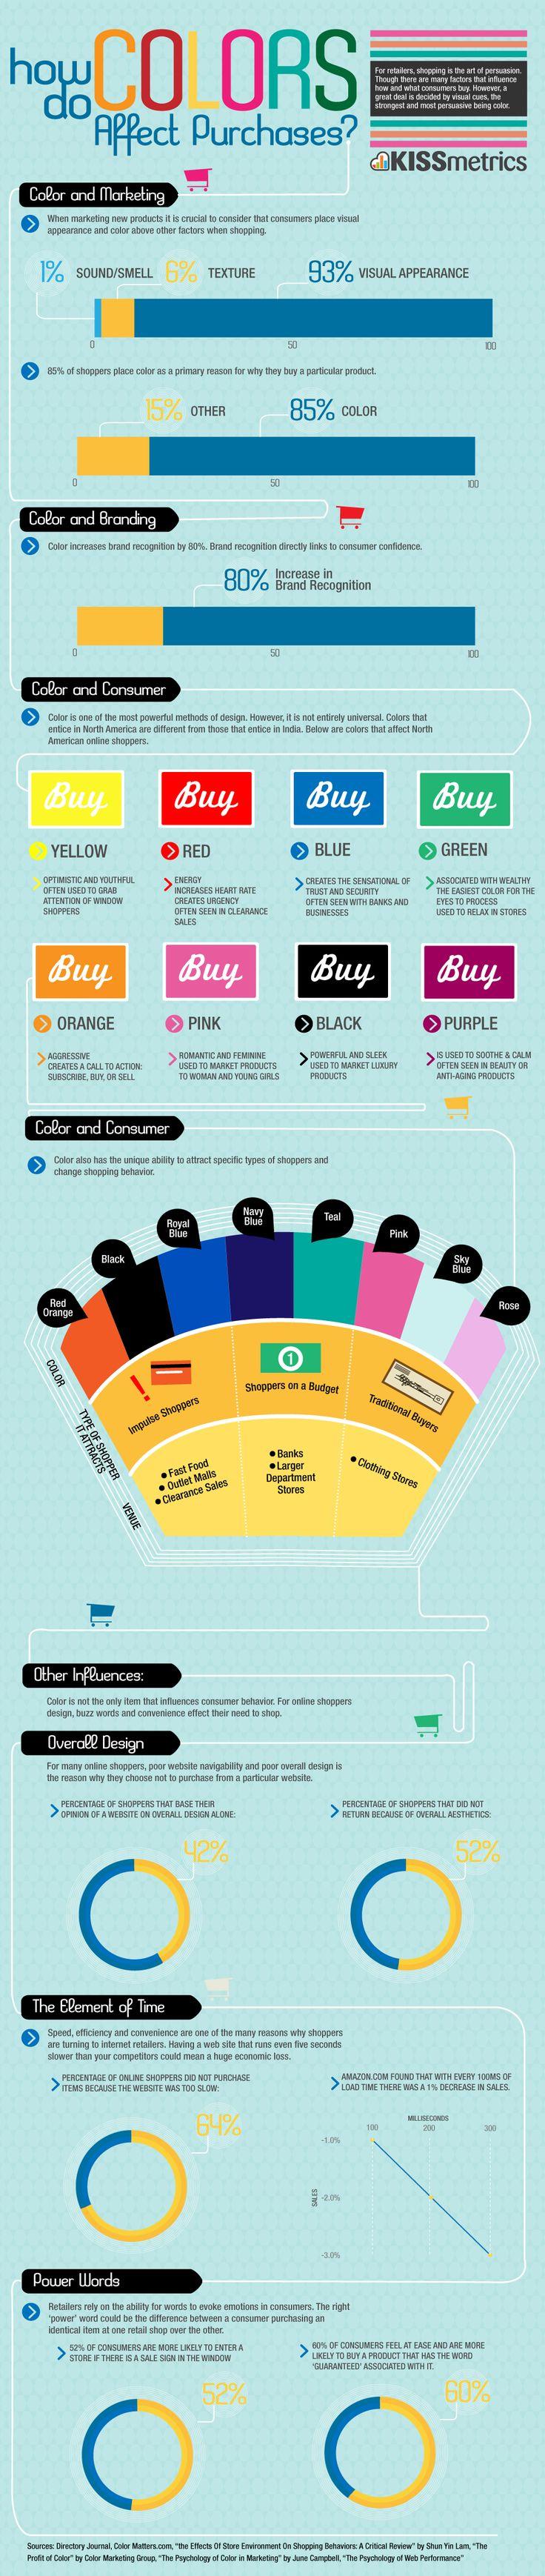 Part 2. How do Colors affect Purchases?    Miten värit vaikuttavat ostamiseen verkkokaupassa?